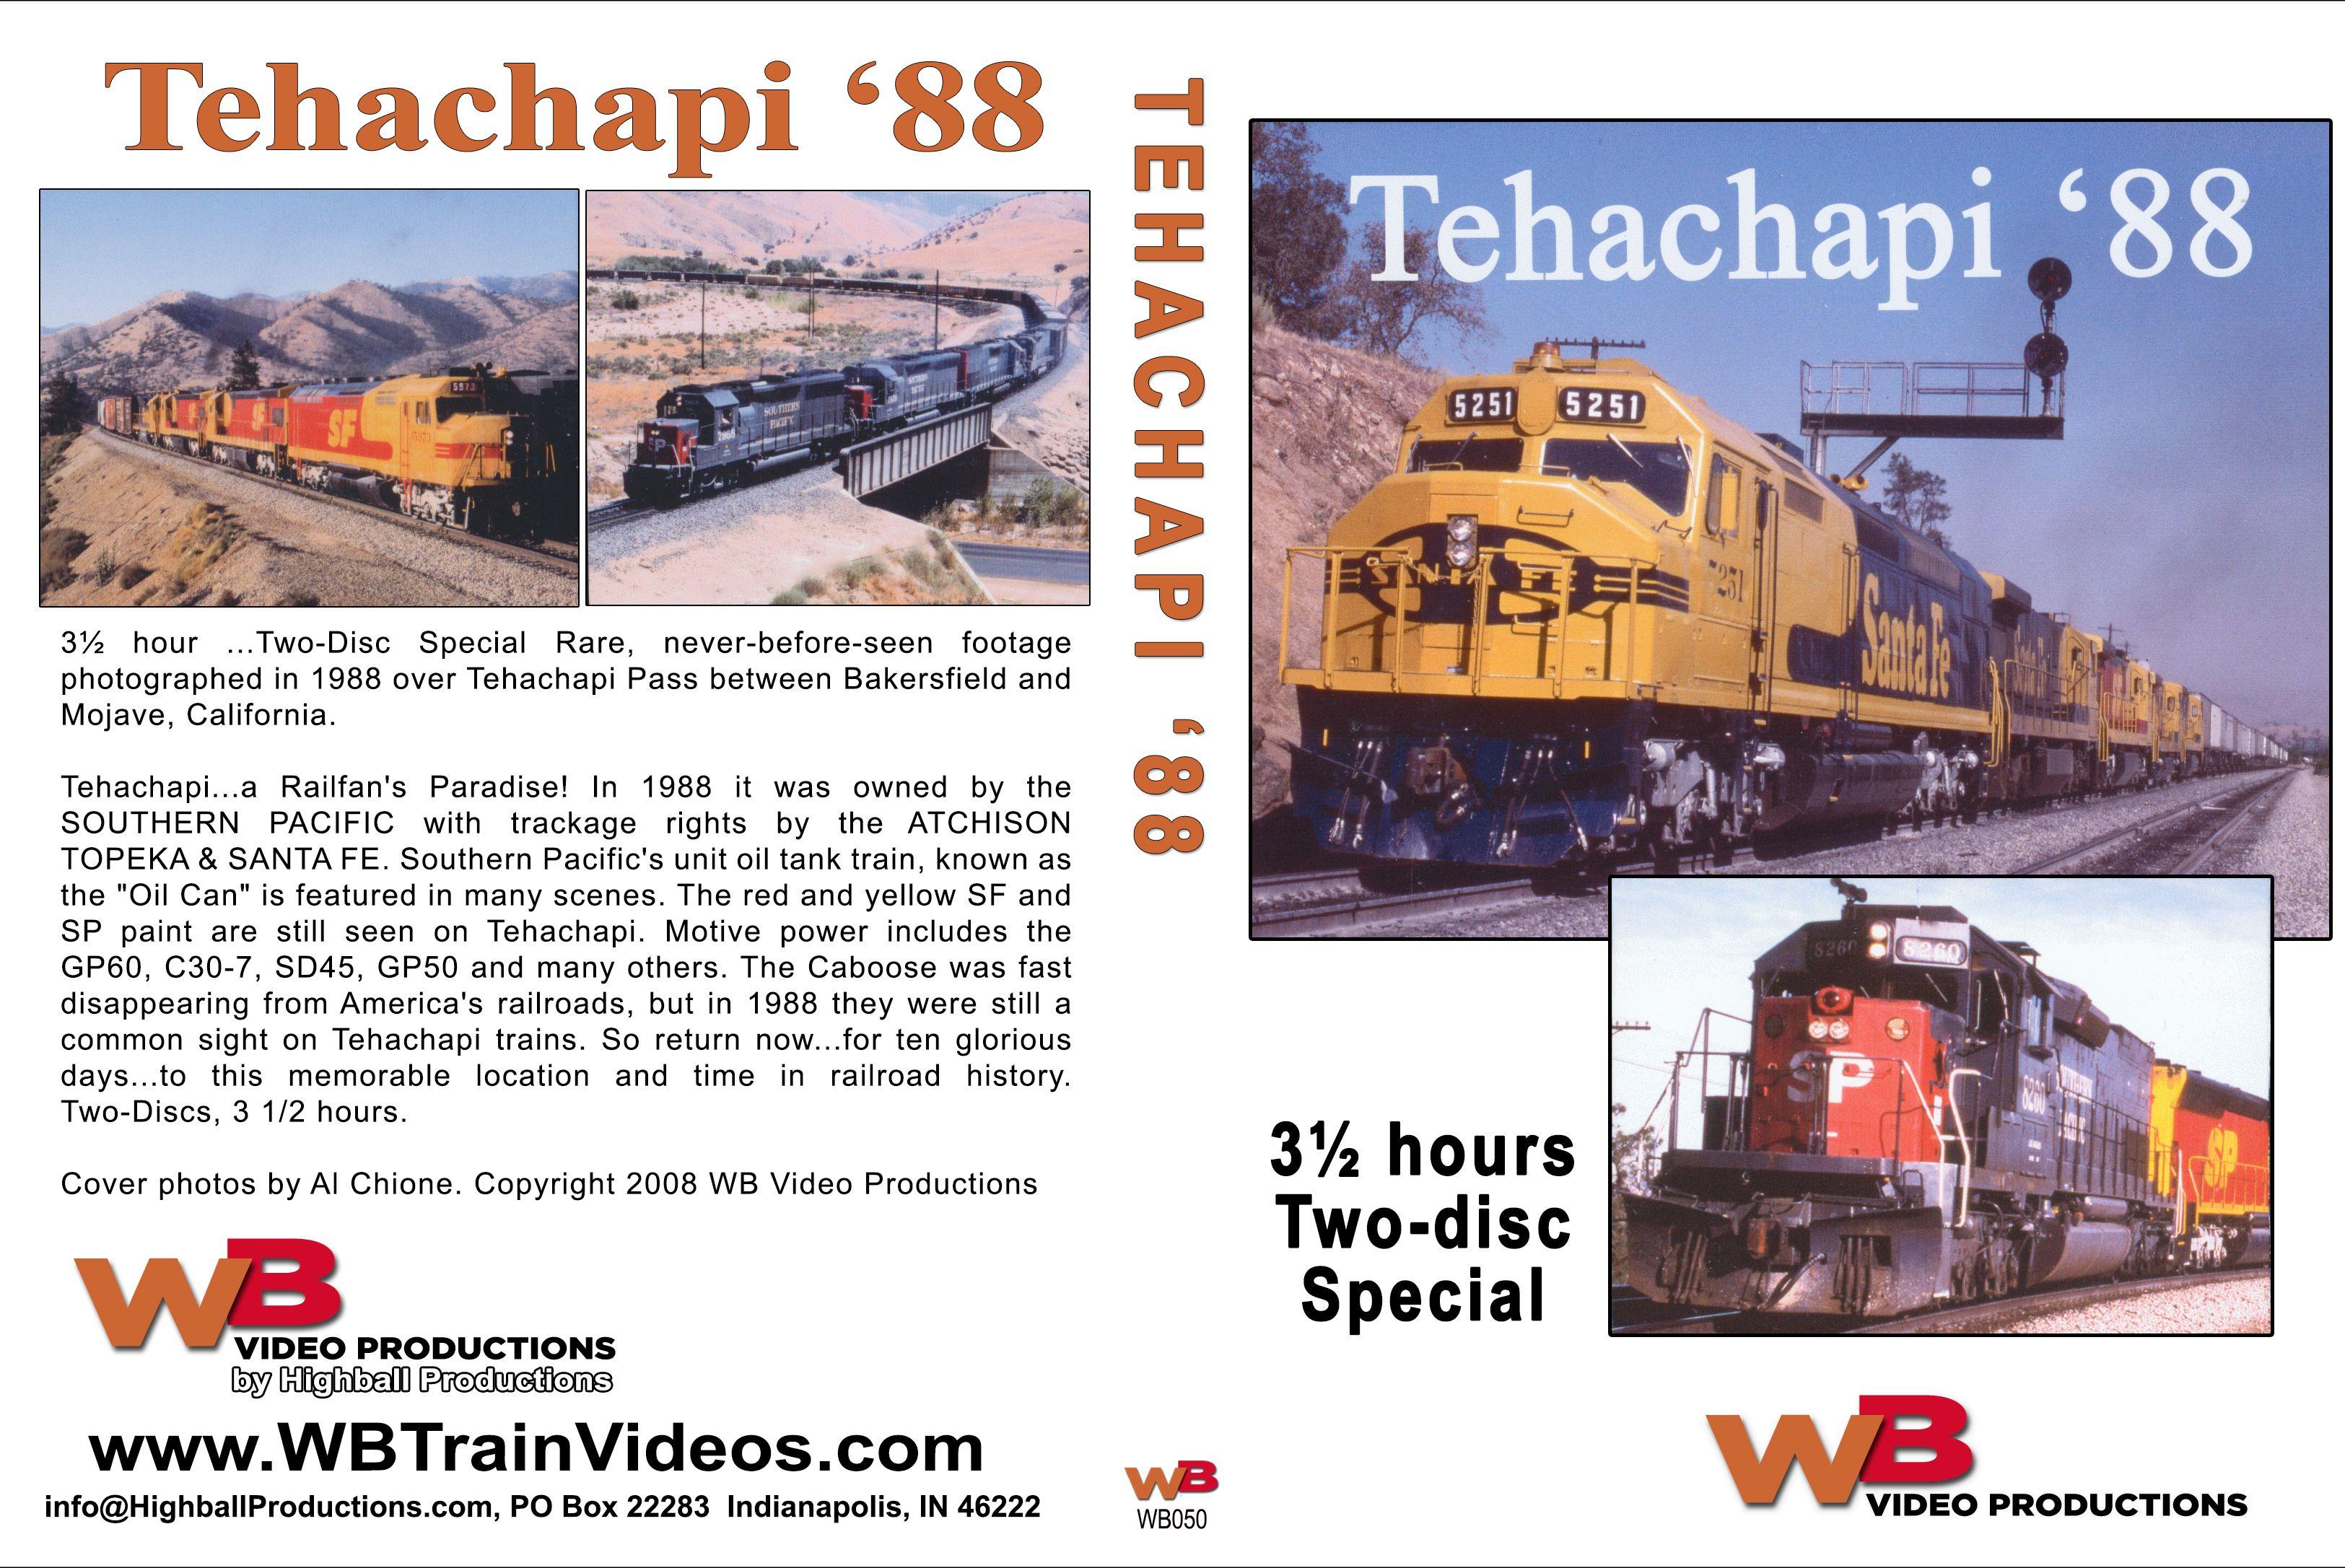 Tehachapi 88 Train Video WB Video Productions WB050